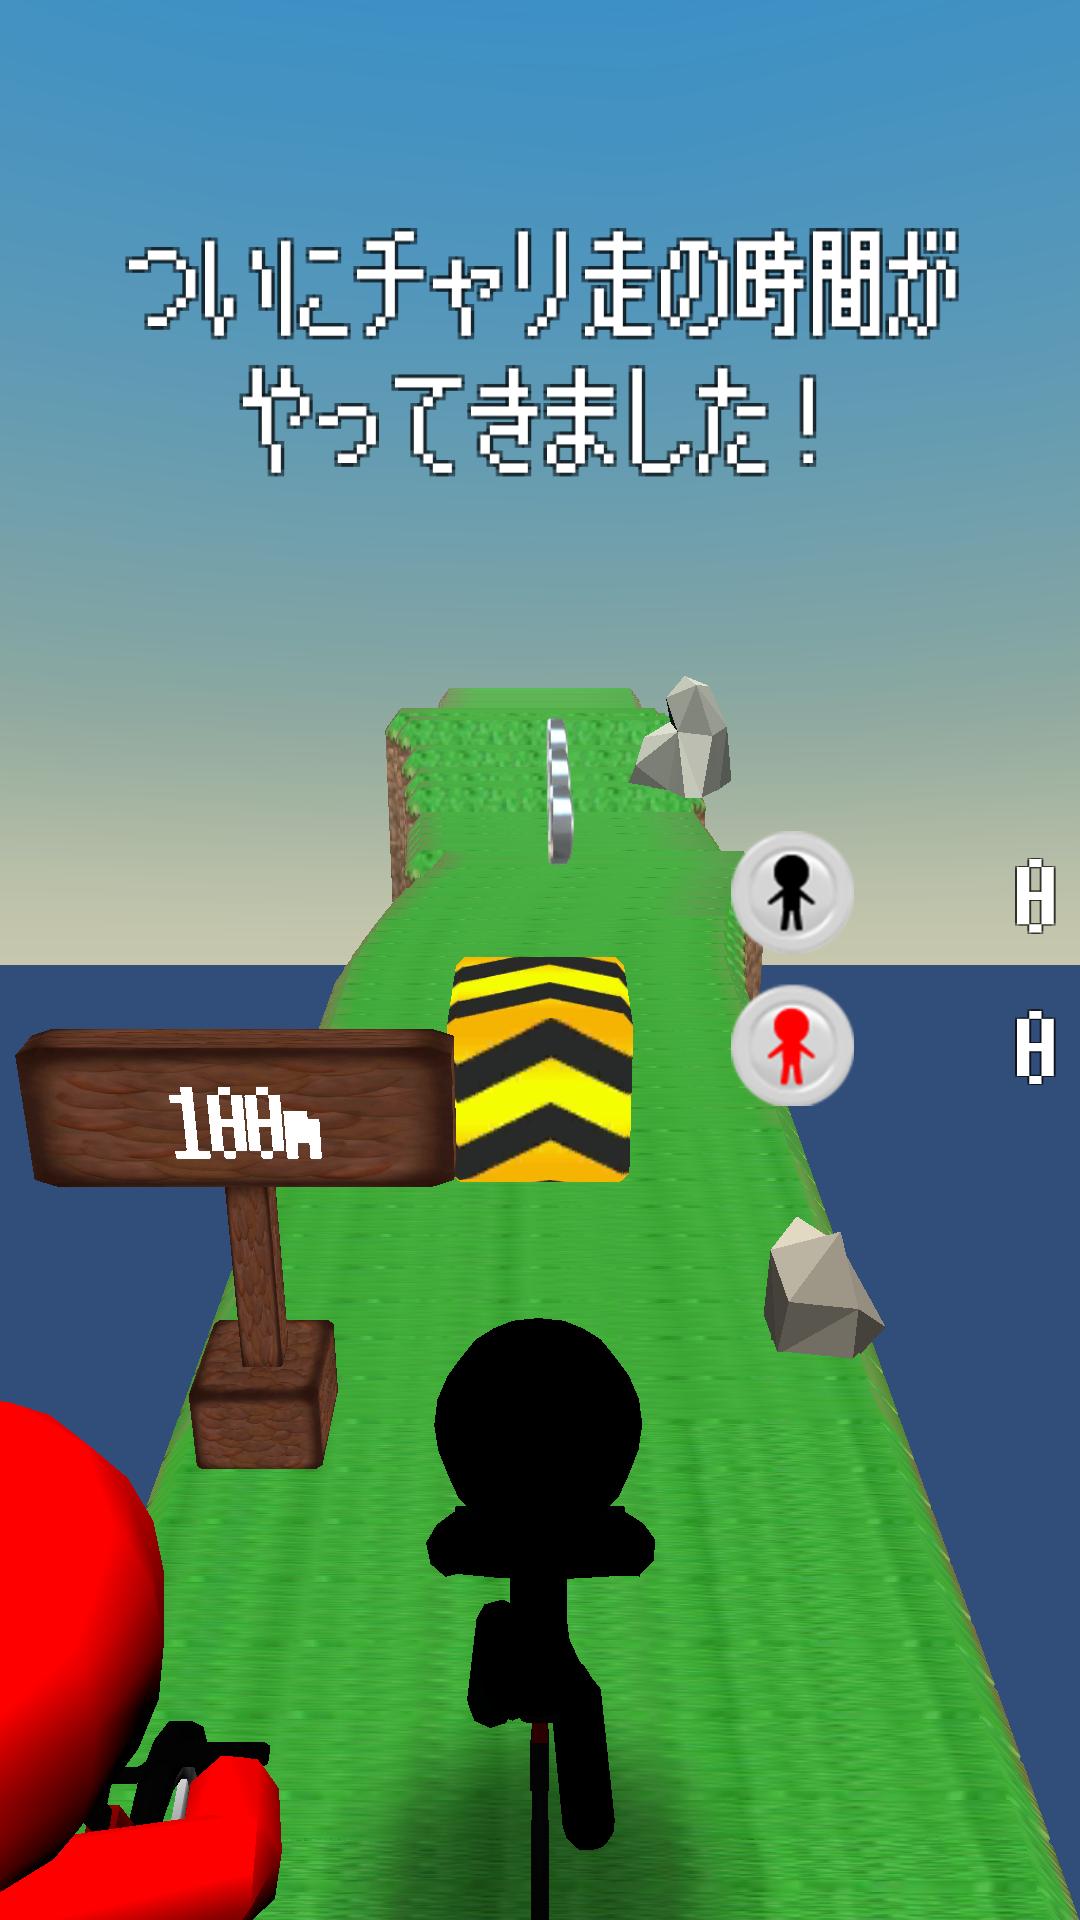 キューブに爆走! チャリ走 スズキ vs サトー androidアプリスクリーンショット1